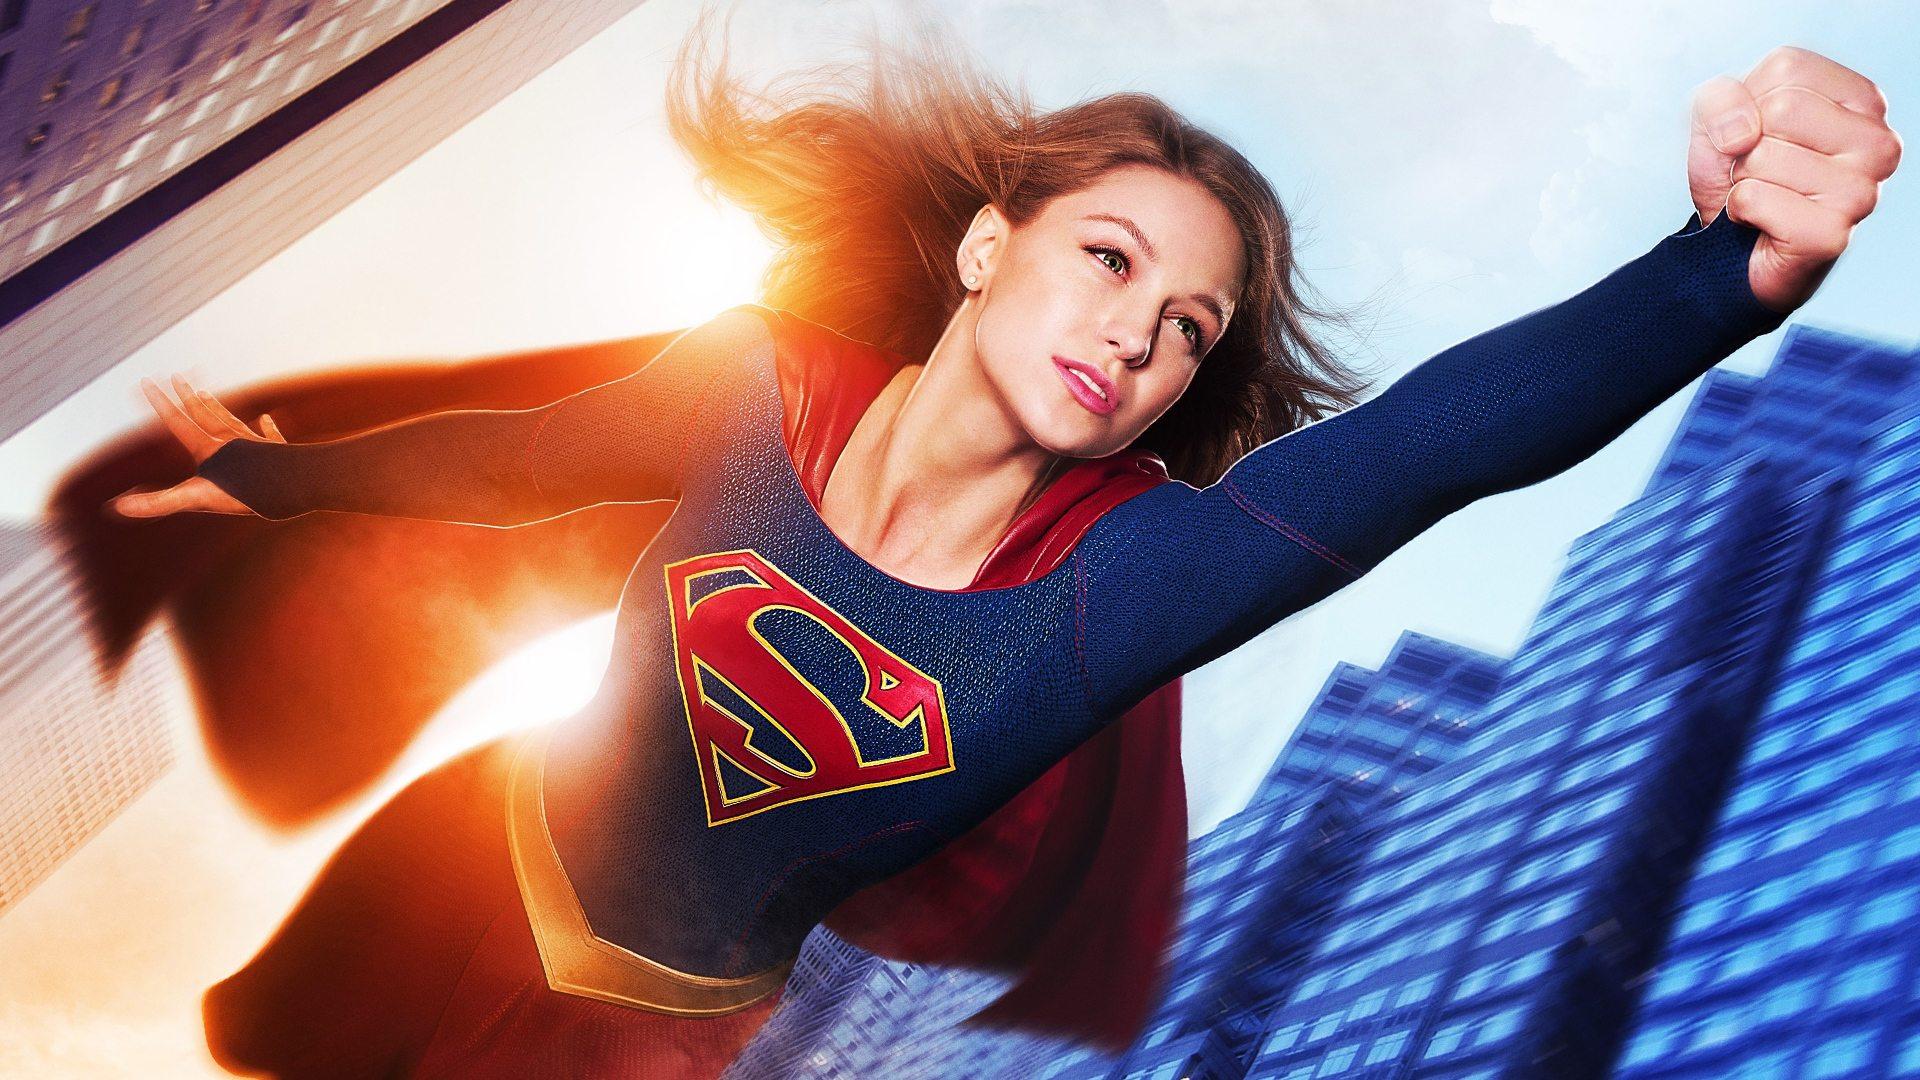 Супердівчина (Supergirl) зустрінеться сам на сам з підступним трансфобним лиходієм у серіалі.